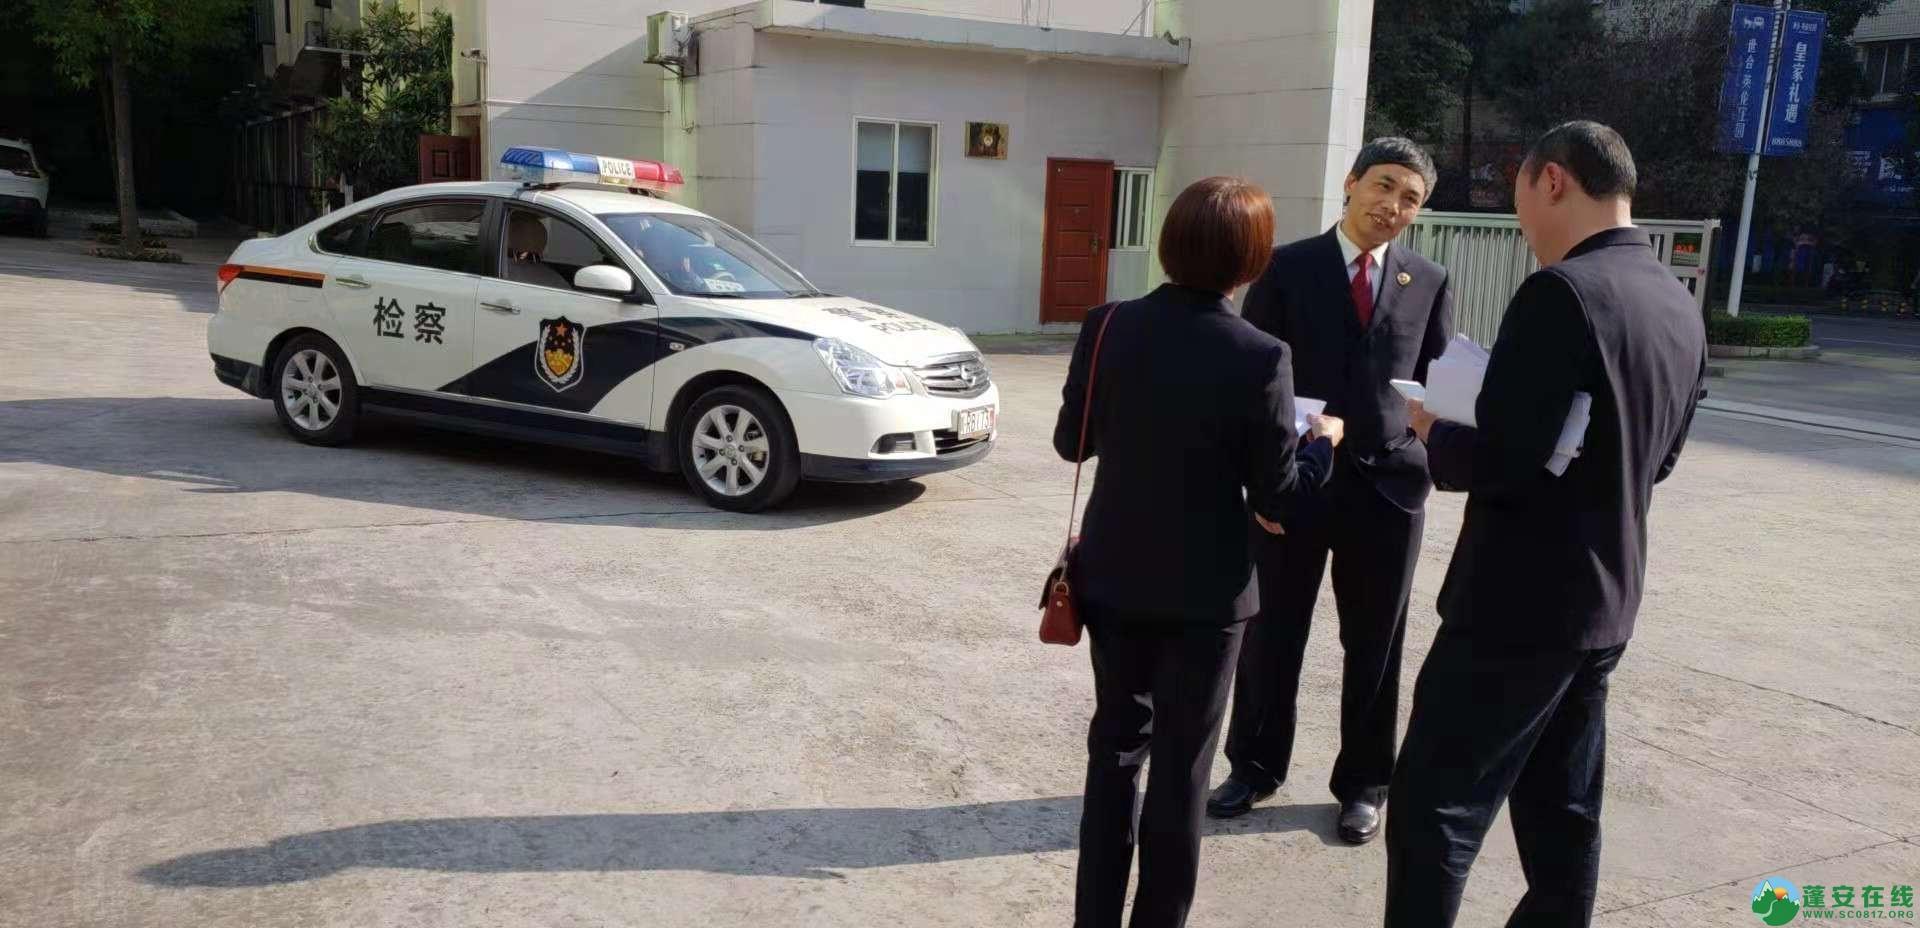 蓬安县人民检察院12309检察服务中心正式宣告挂牌成立 - 第11张  | 蓬安在线